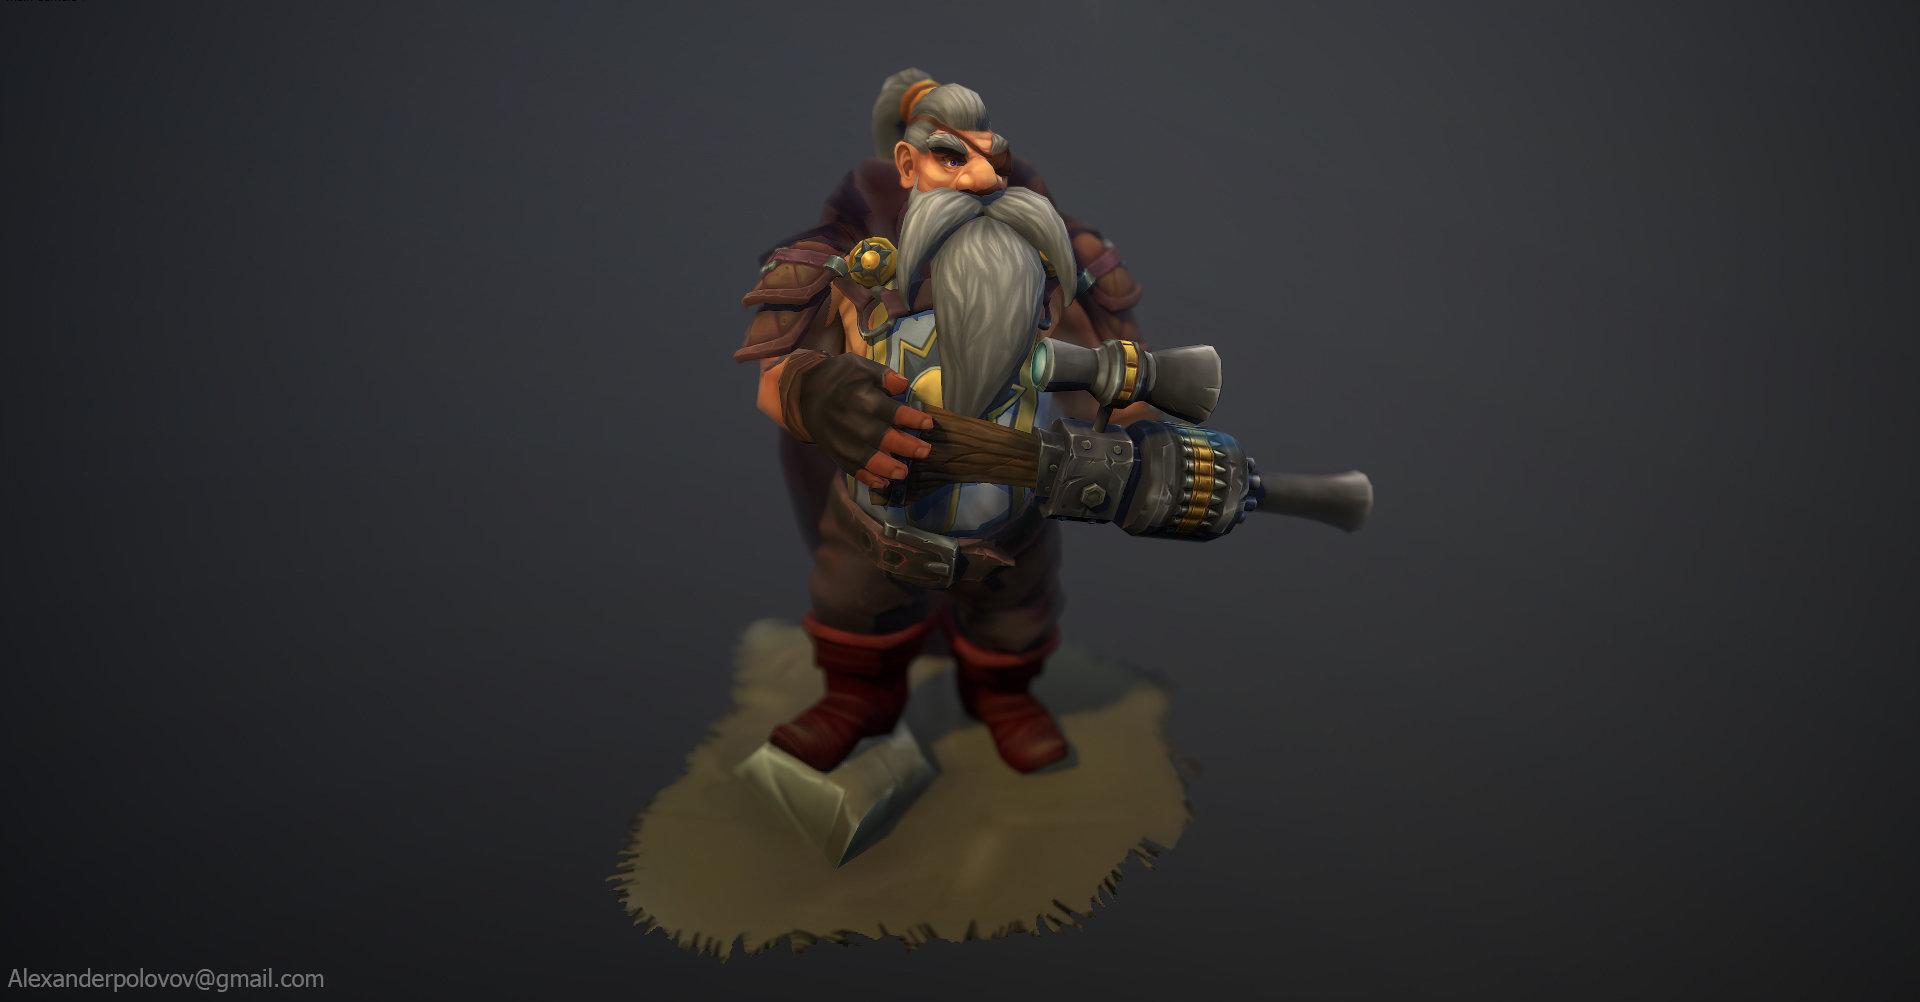 alex-polovov-dwarf.jpg?1427050403